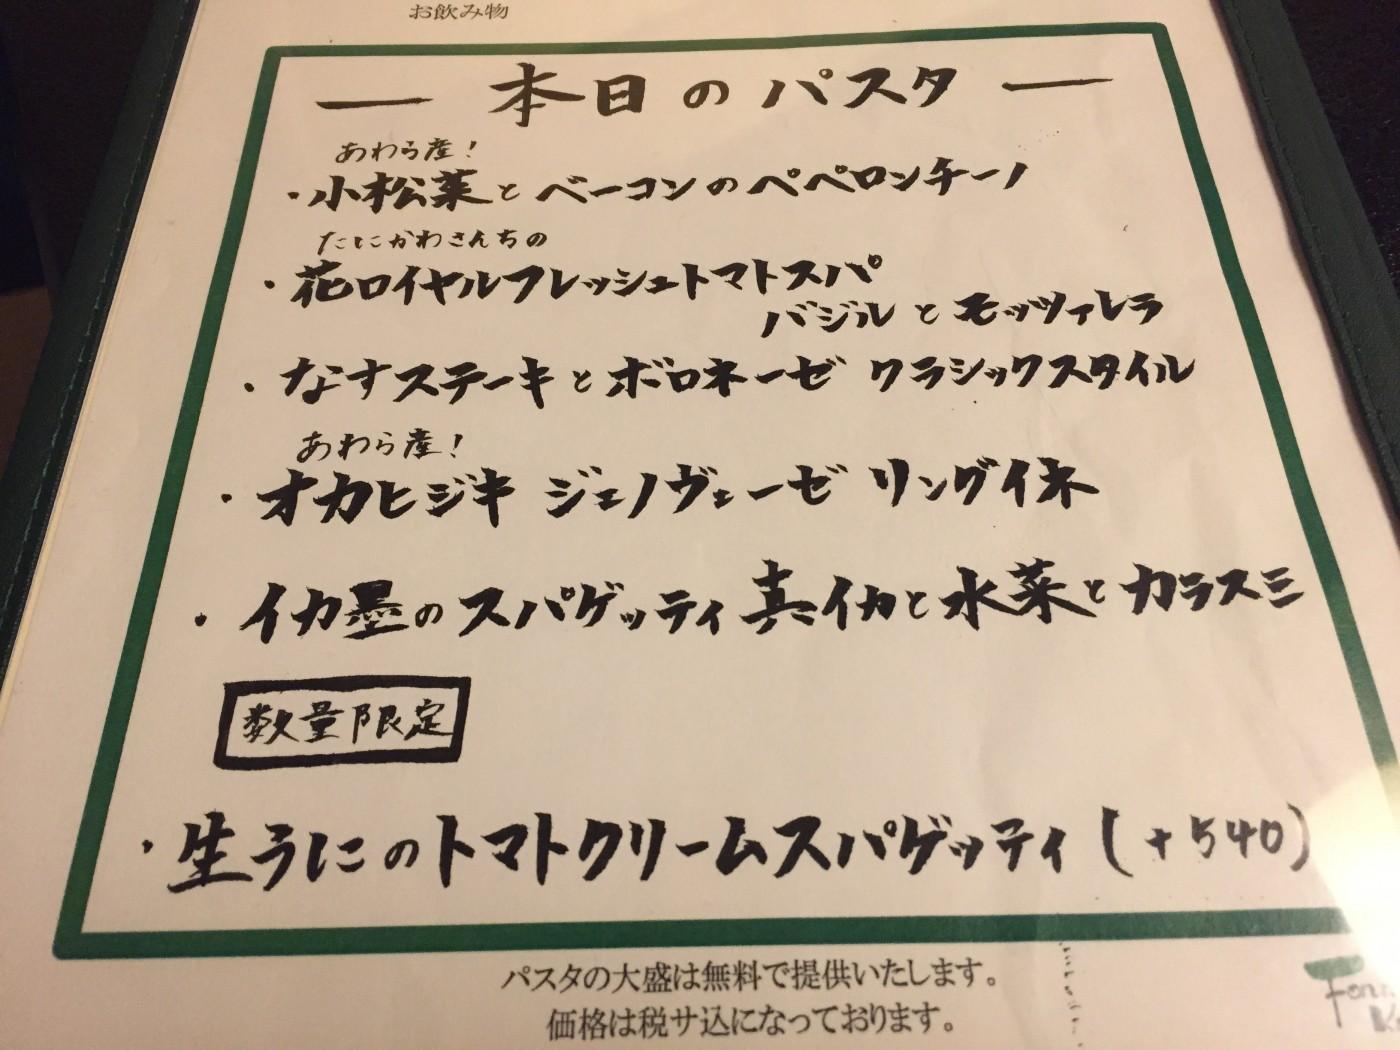 ホテル八木-パスタランチ-メニュー2